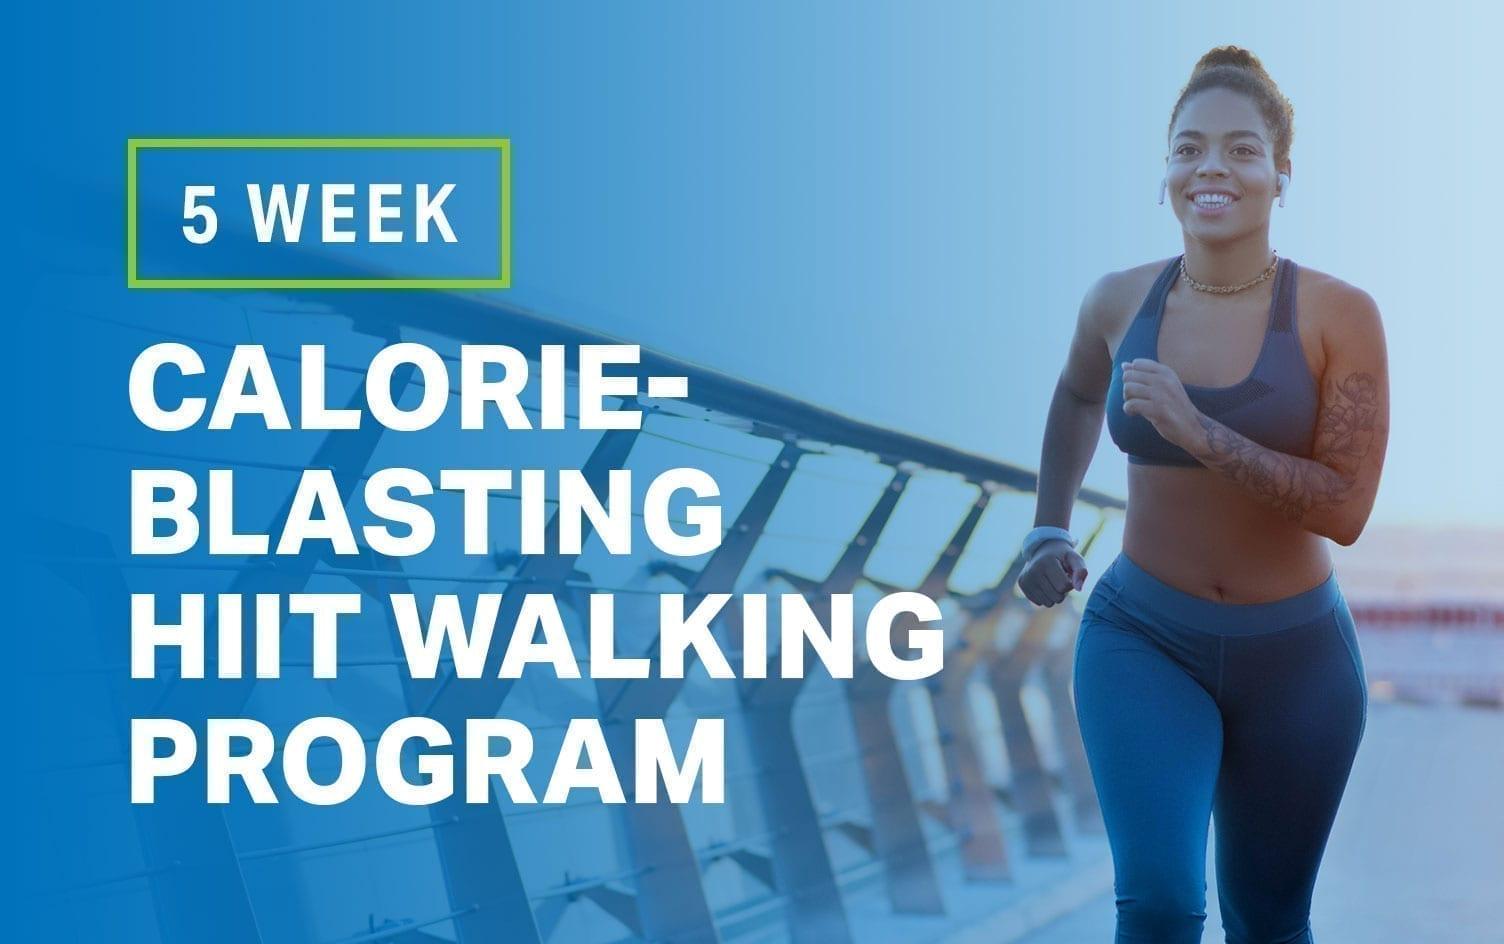 5-Week Calorie-Blasting HIIT Walking Program | Walking | MyFitnessPal